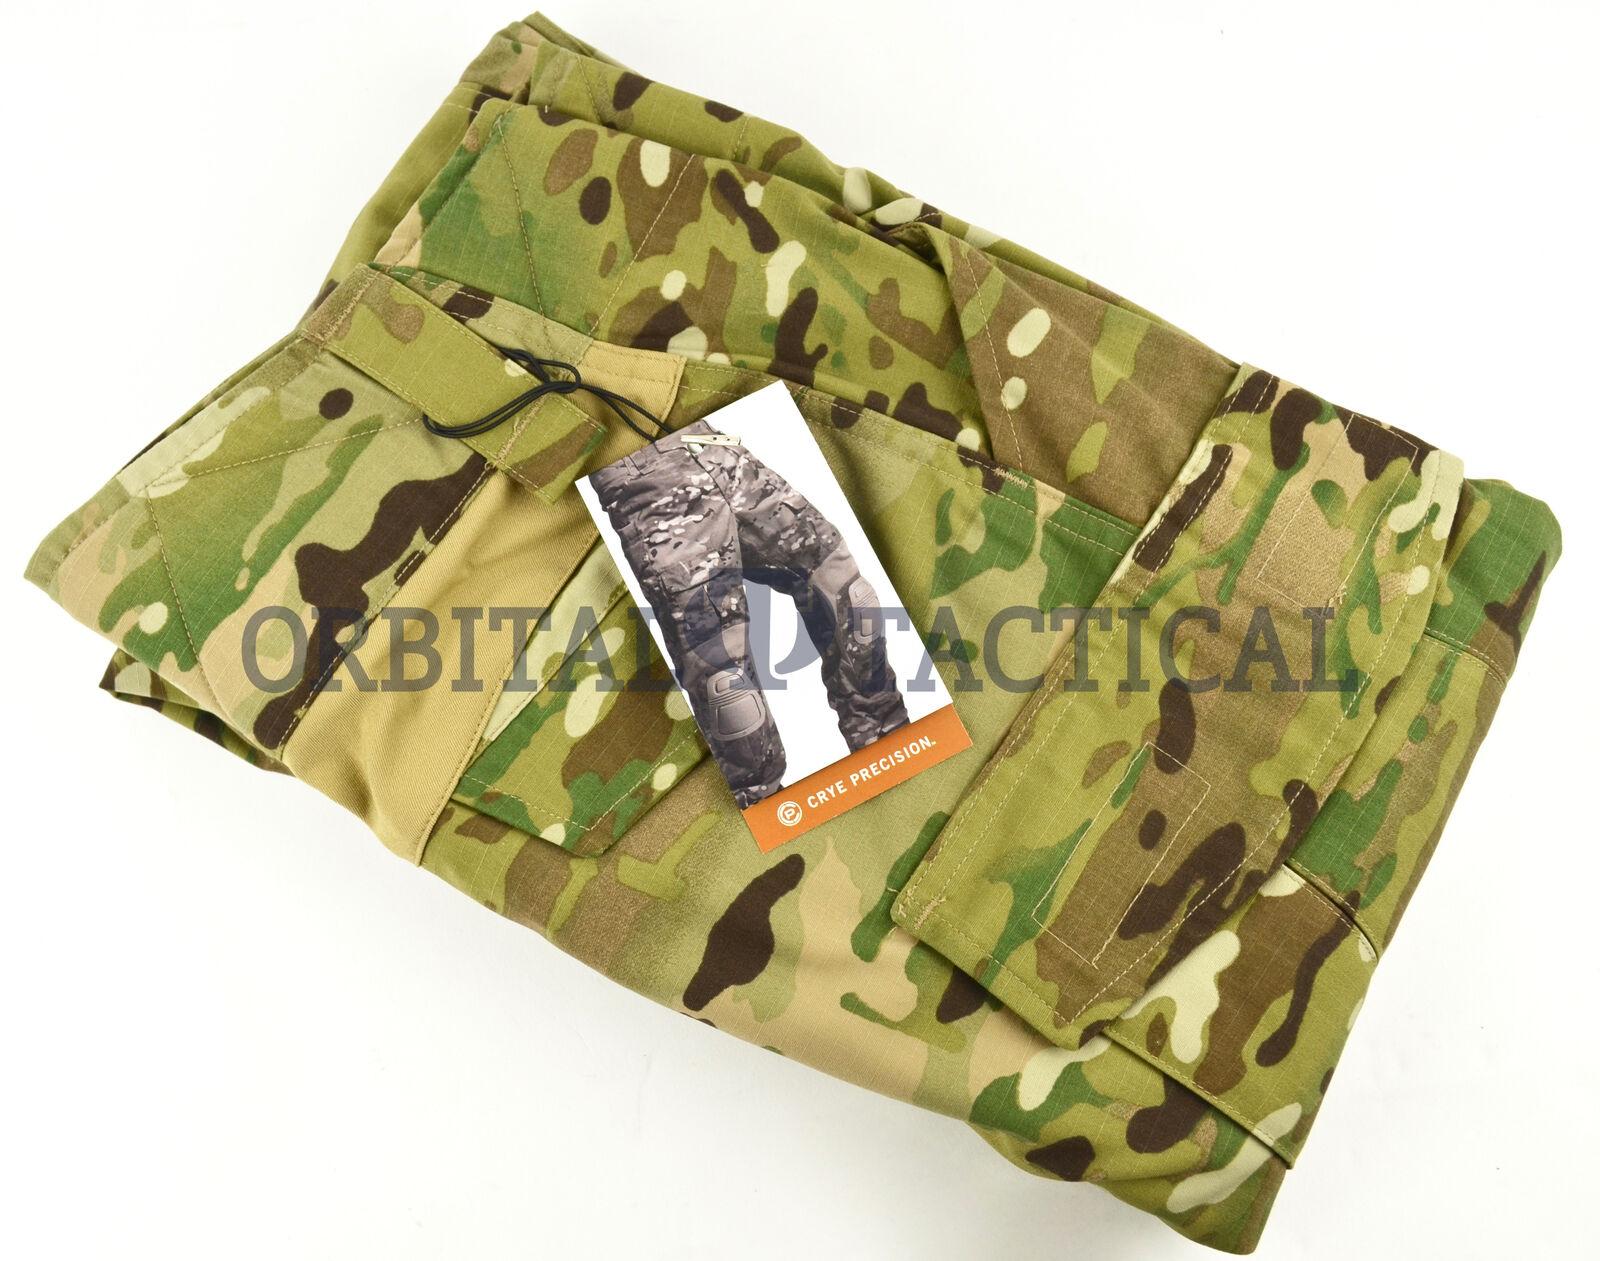 Pantalón de combate G2 multicam nuevo, hecho a medida por el ejército.